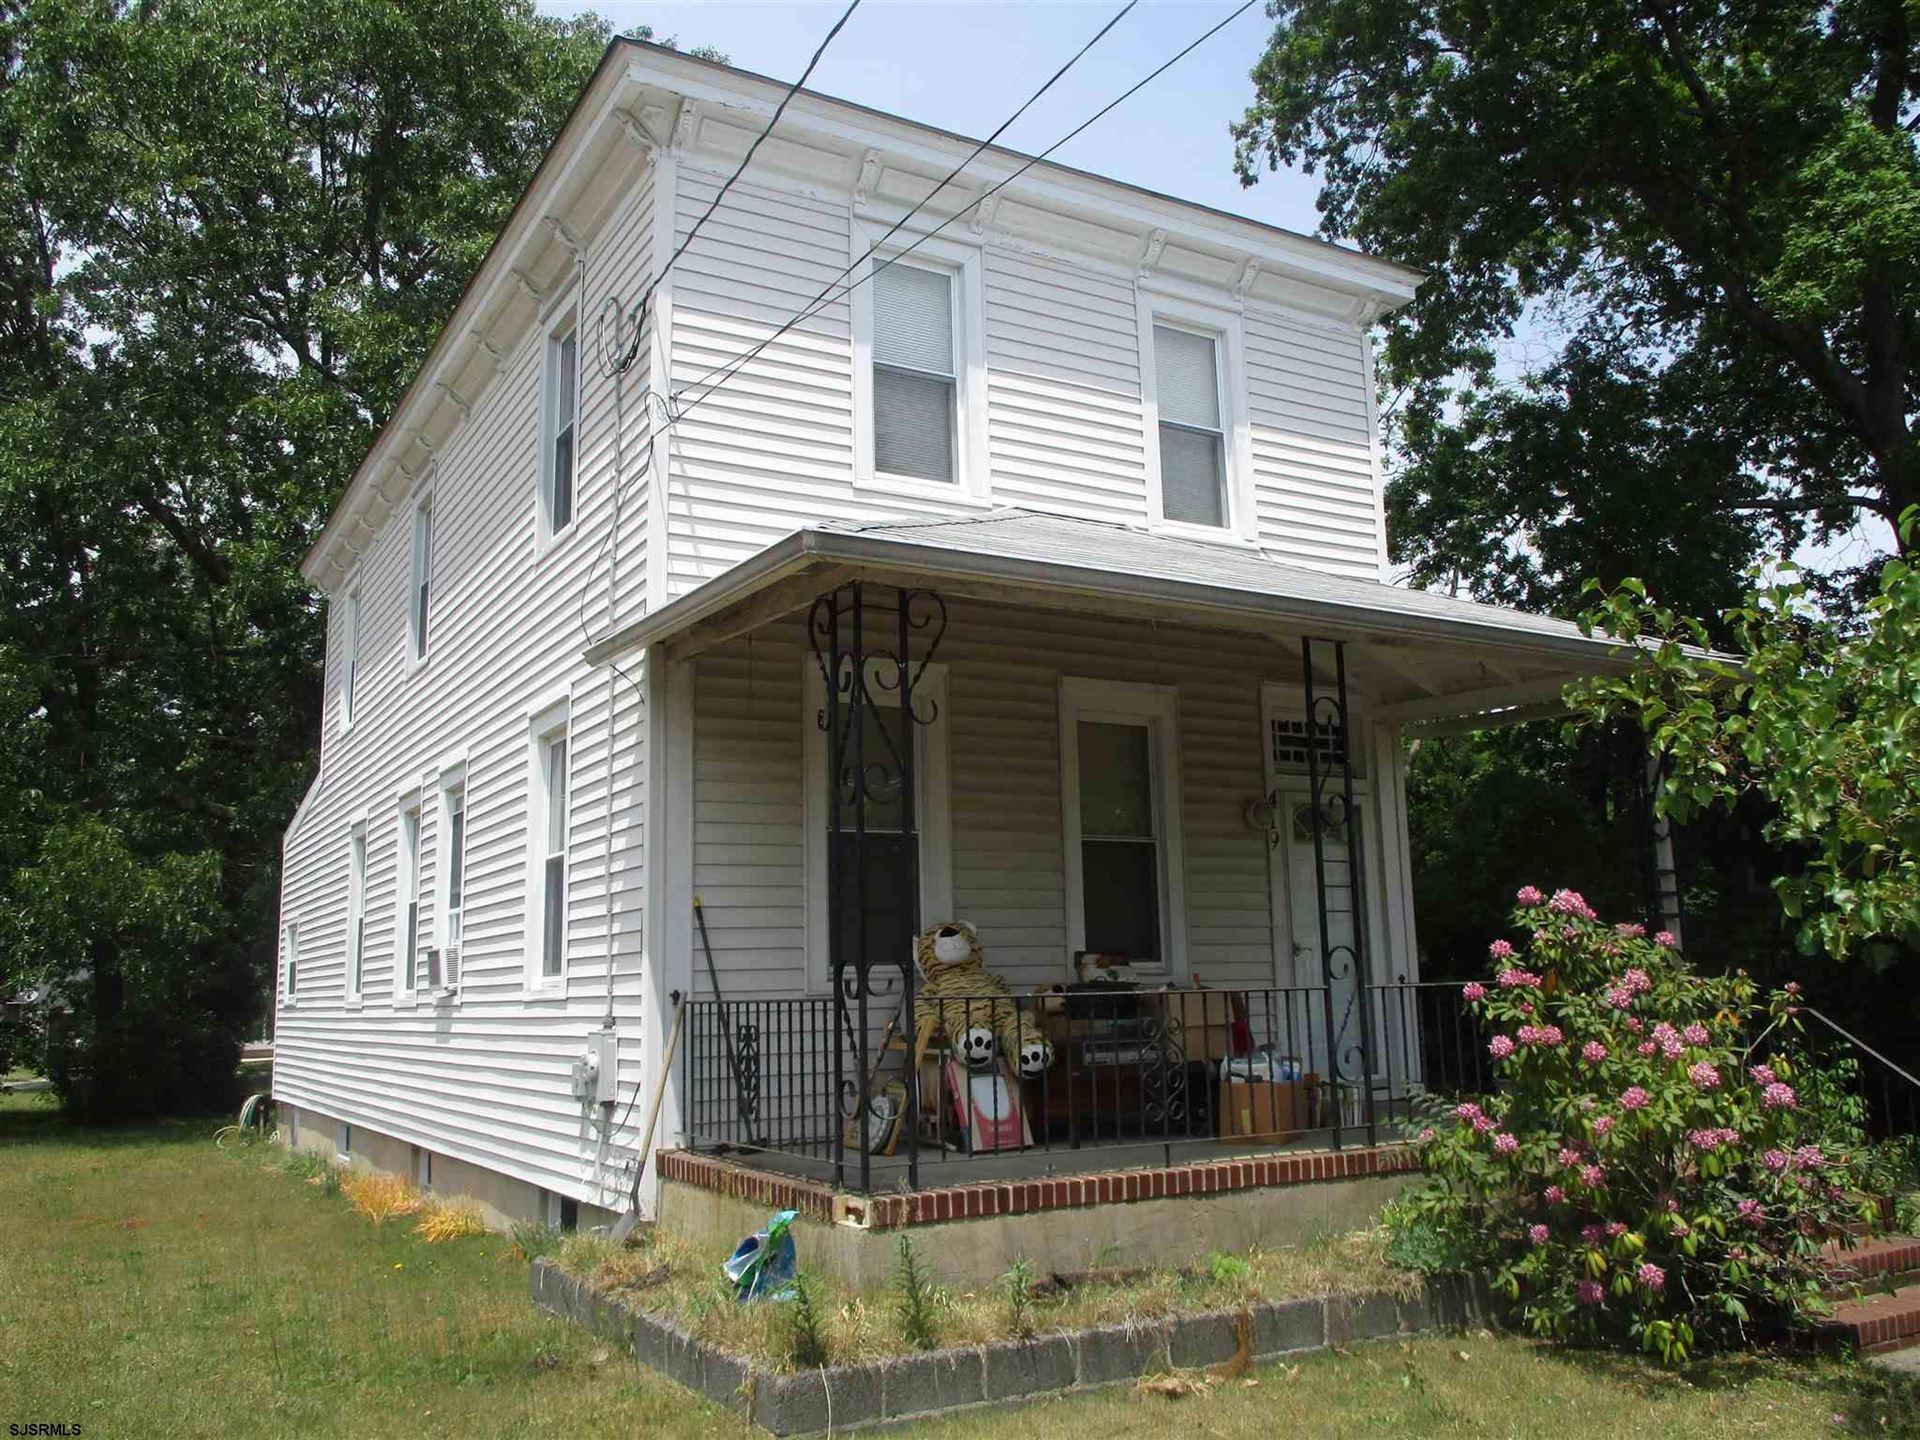 419 W Orchard Street, Hammonton, NJ 08037 - #: 551019